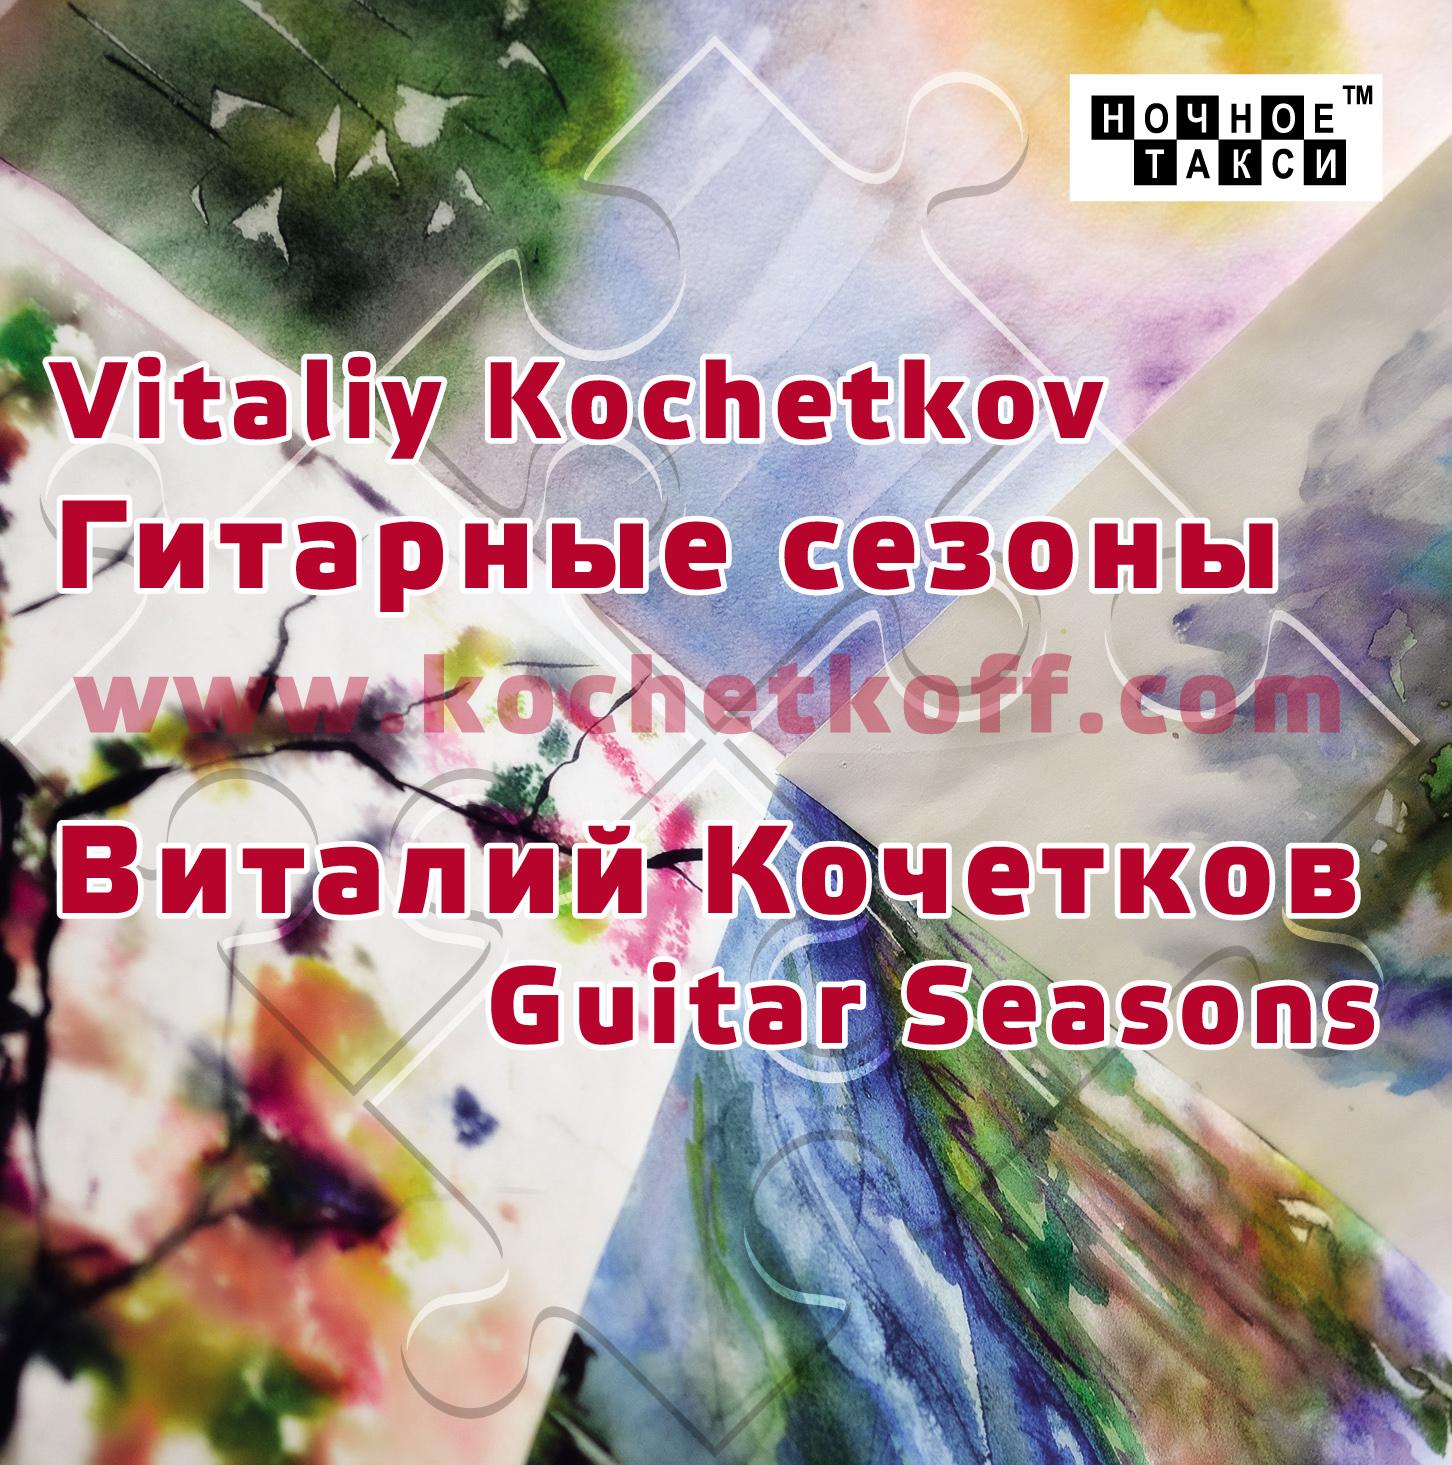 Виталий Кочетков: « Гитарные сезоны» - мессидж интеллигентным музыкантам.